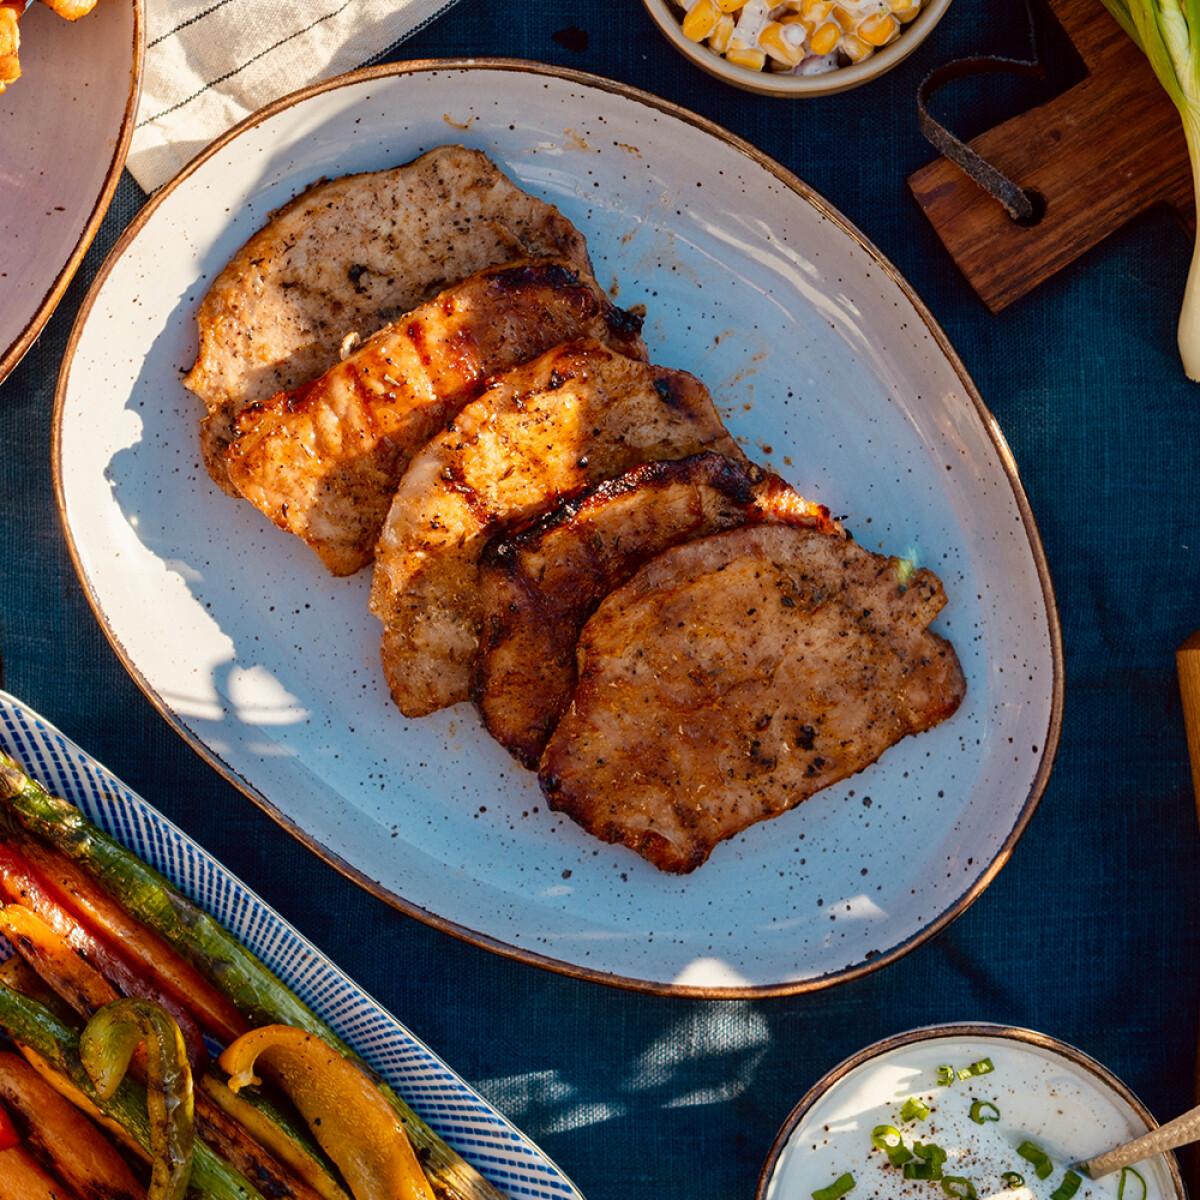 Juharszirupos-whiskeys sertéskaraj színes, marinált grillzöldségekkel